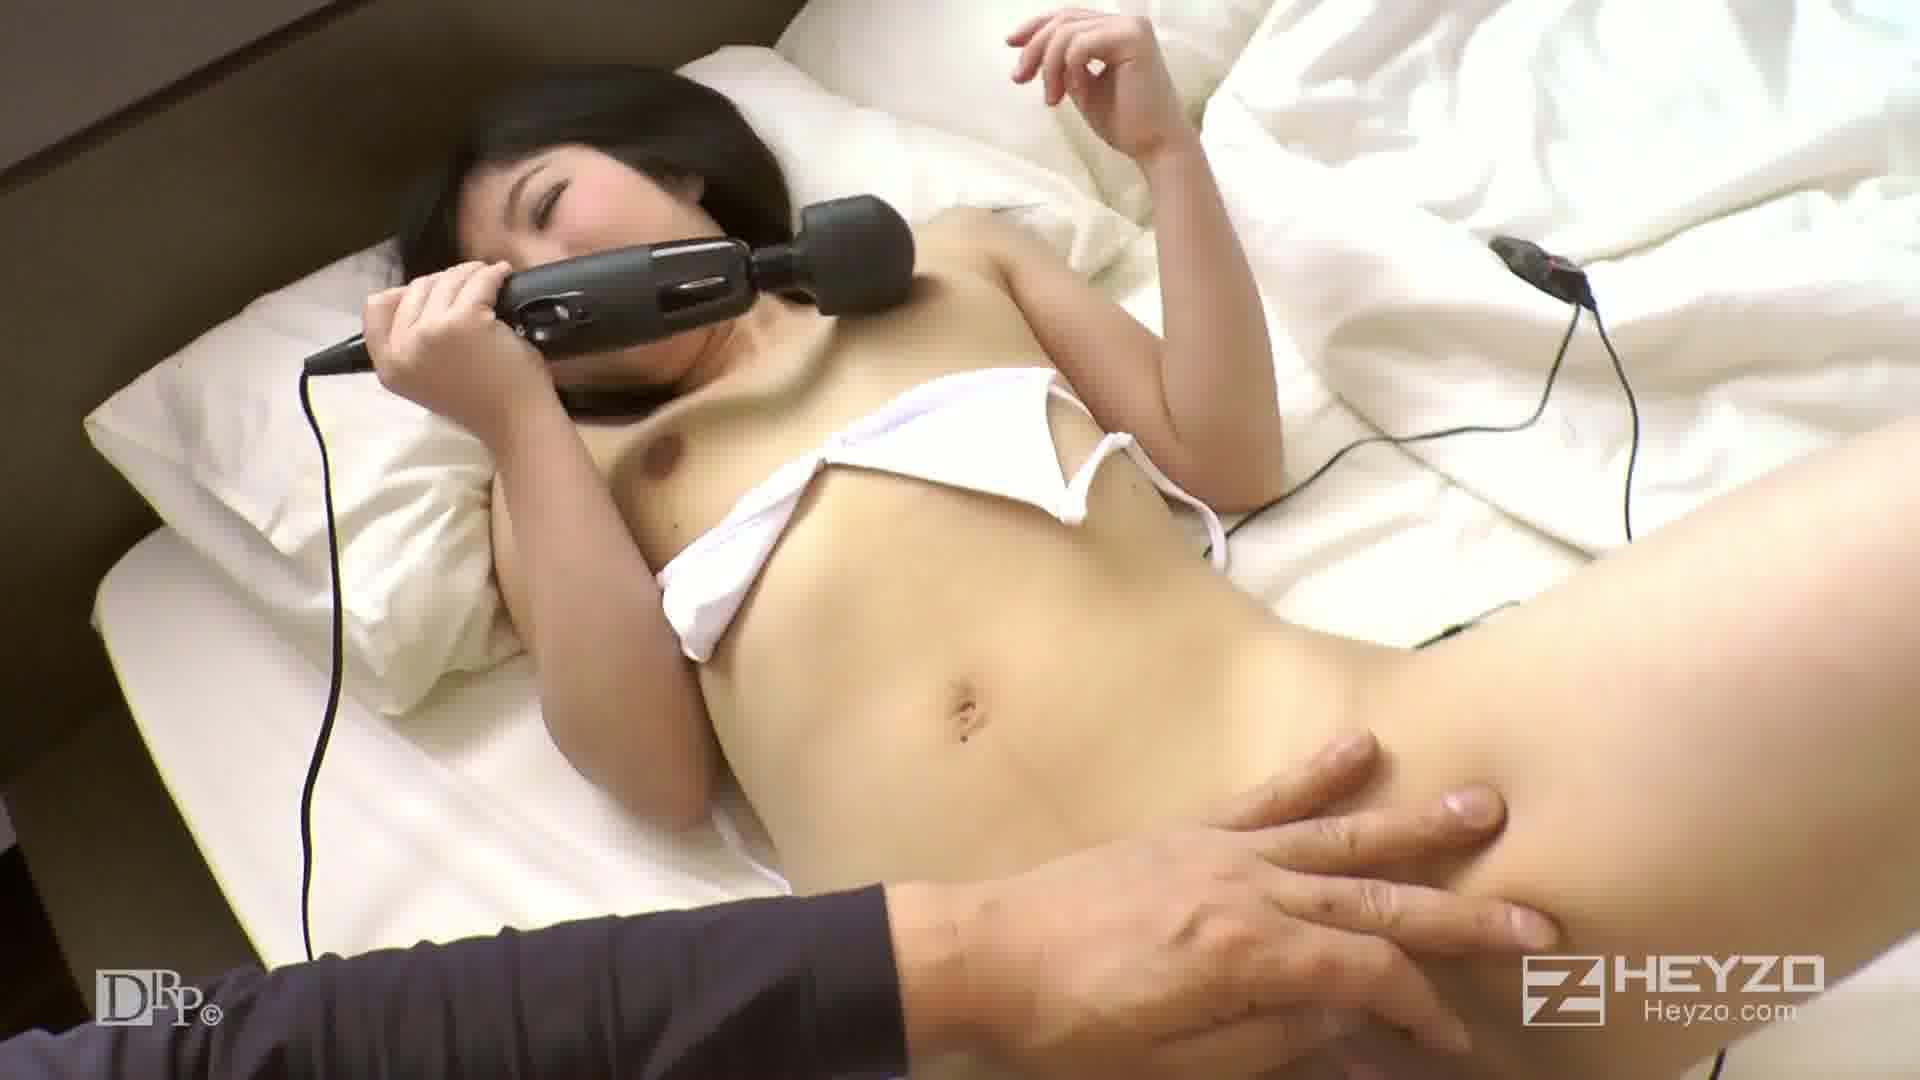 女優志望!従順な田舎娘の接待セックス - やまもととも子【撮影 目隠し マスク バイブ 電マ オナニー】